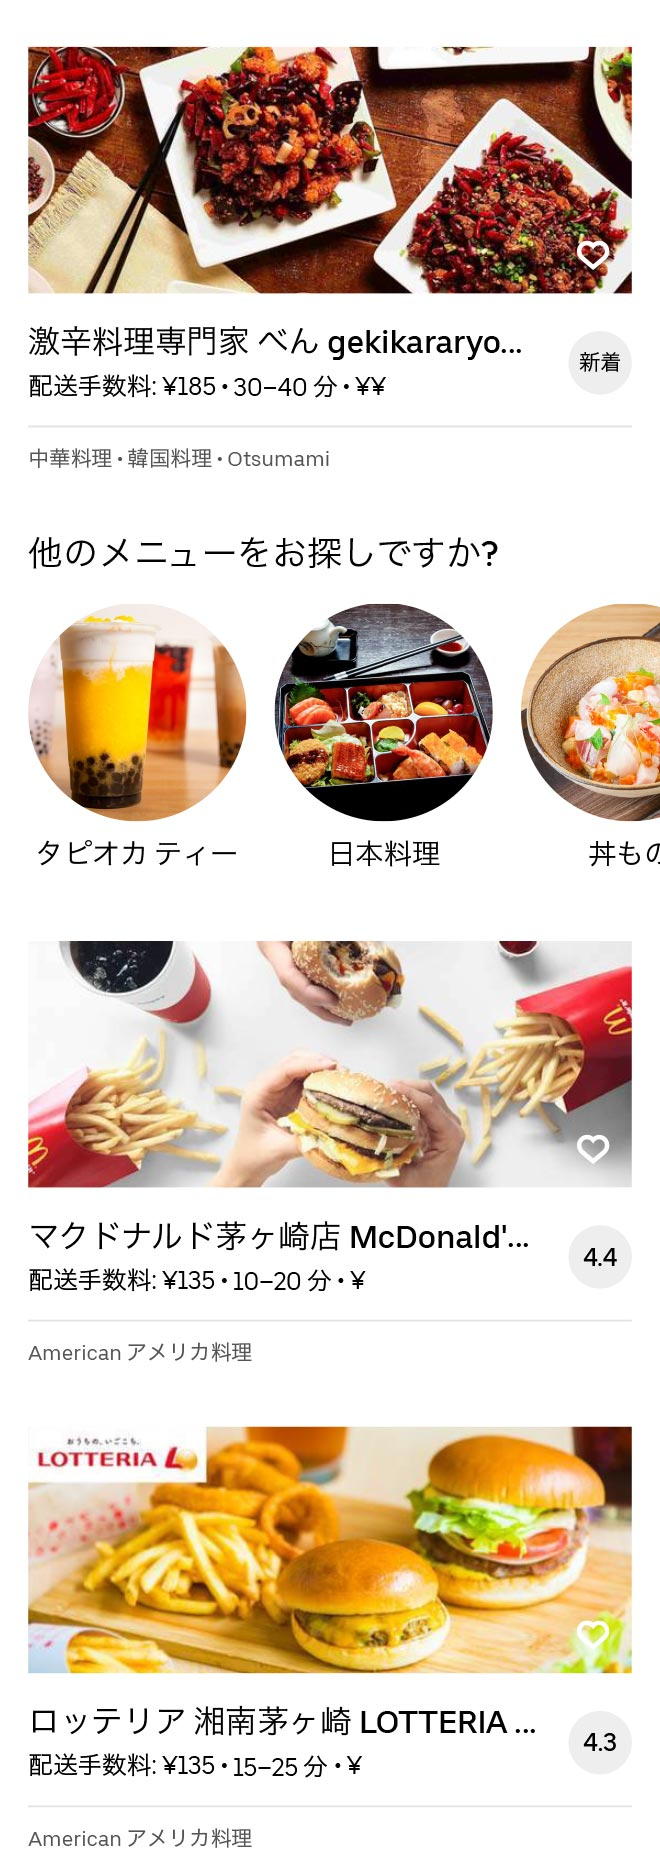 Chigasaki menu 2008 04